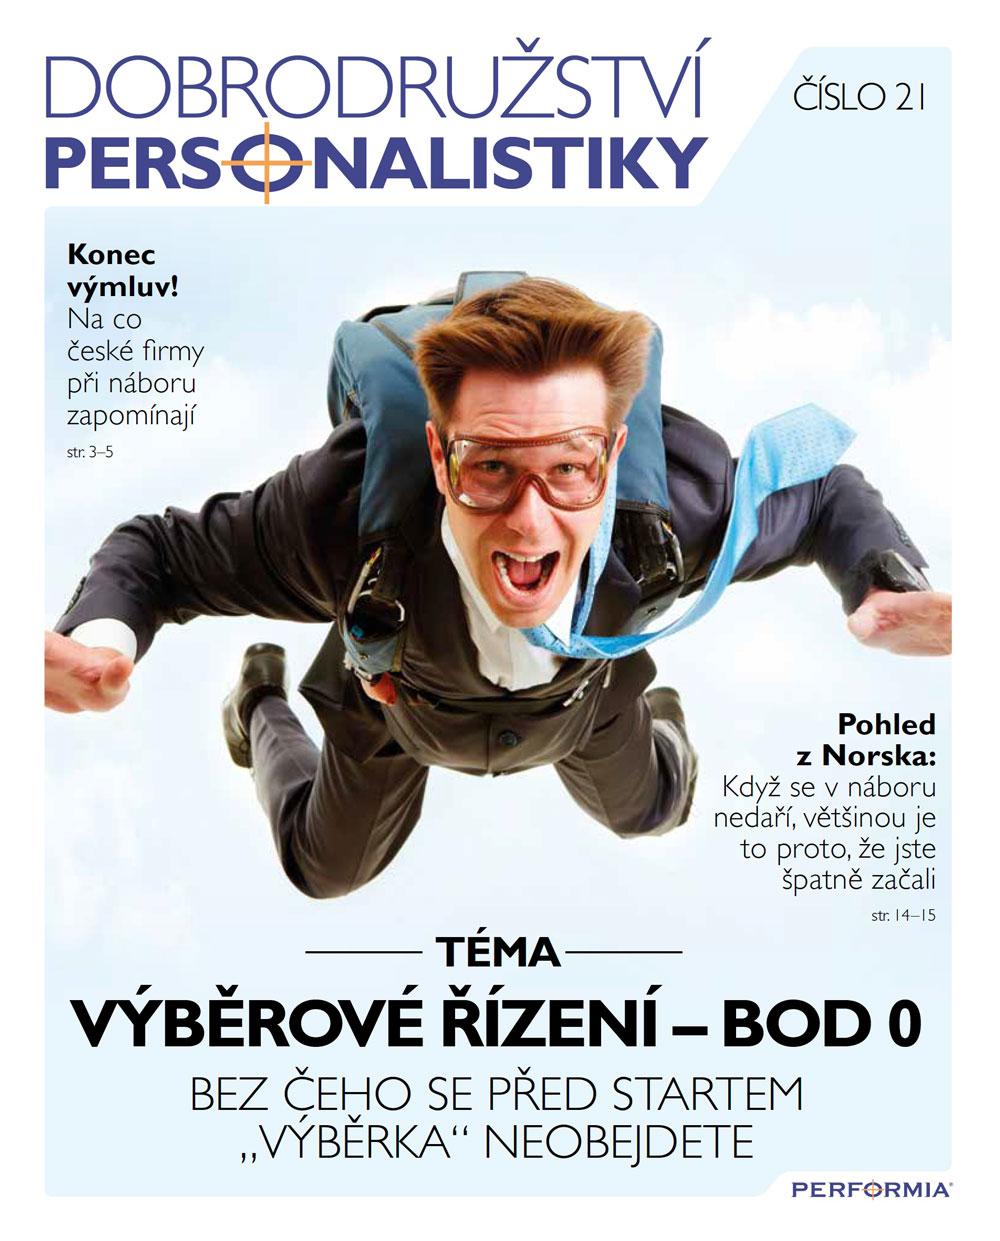 Dobrodružtví personalistky č. 21-1